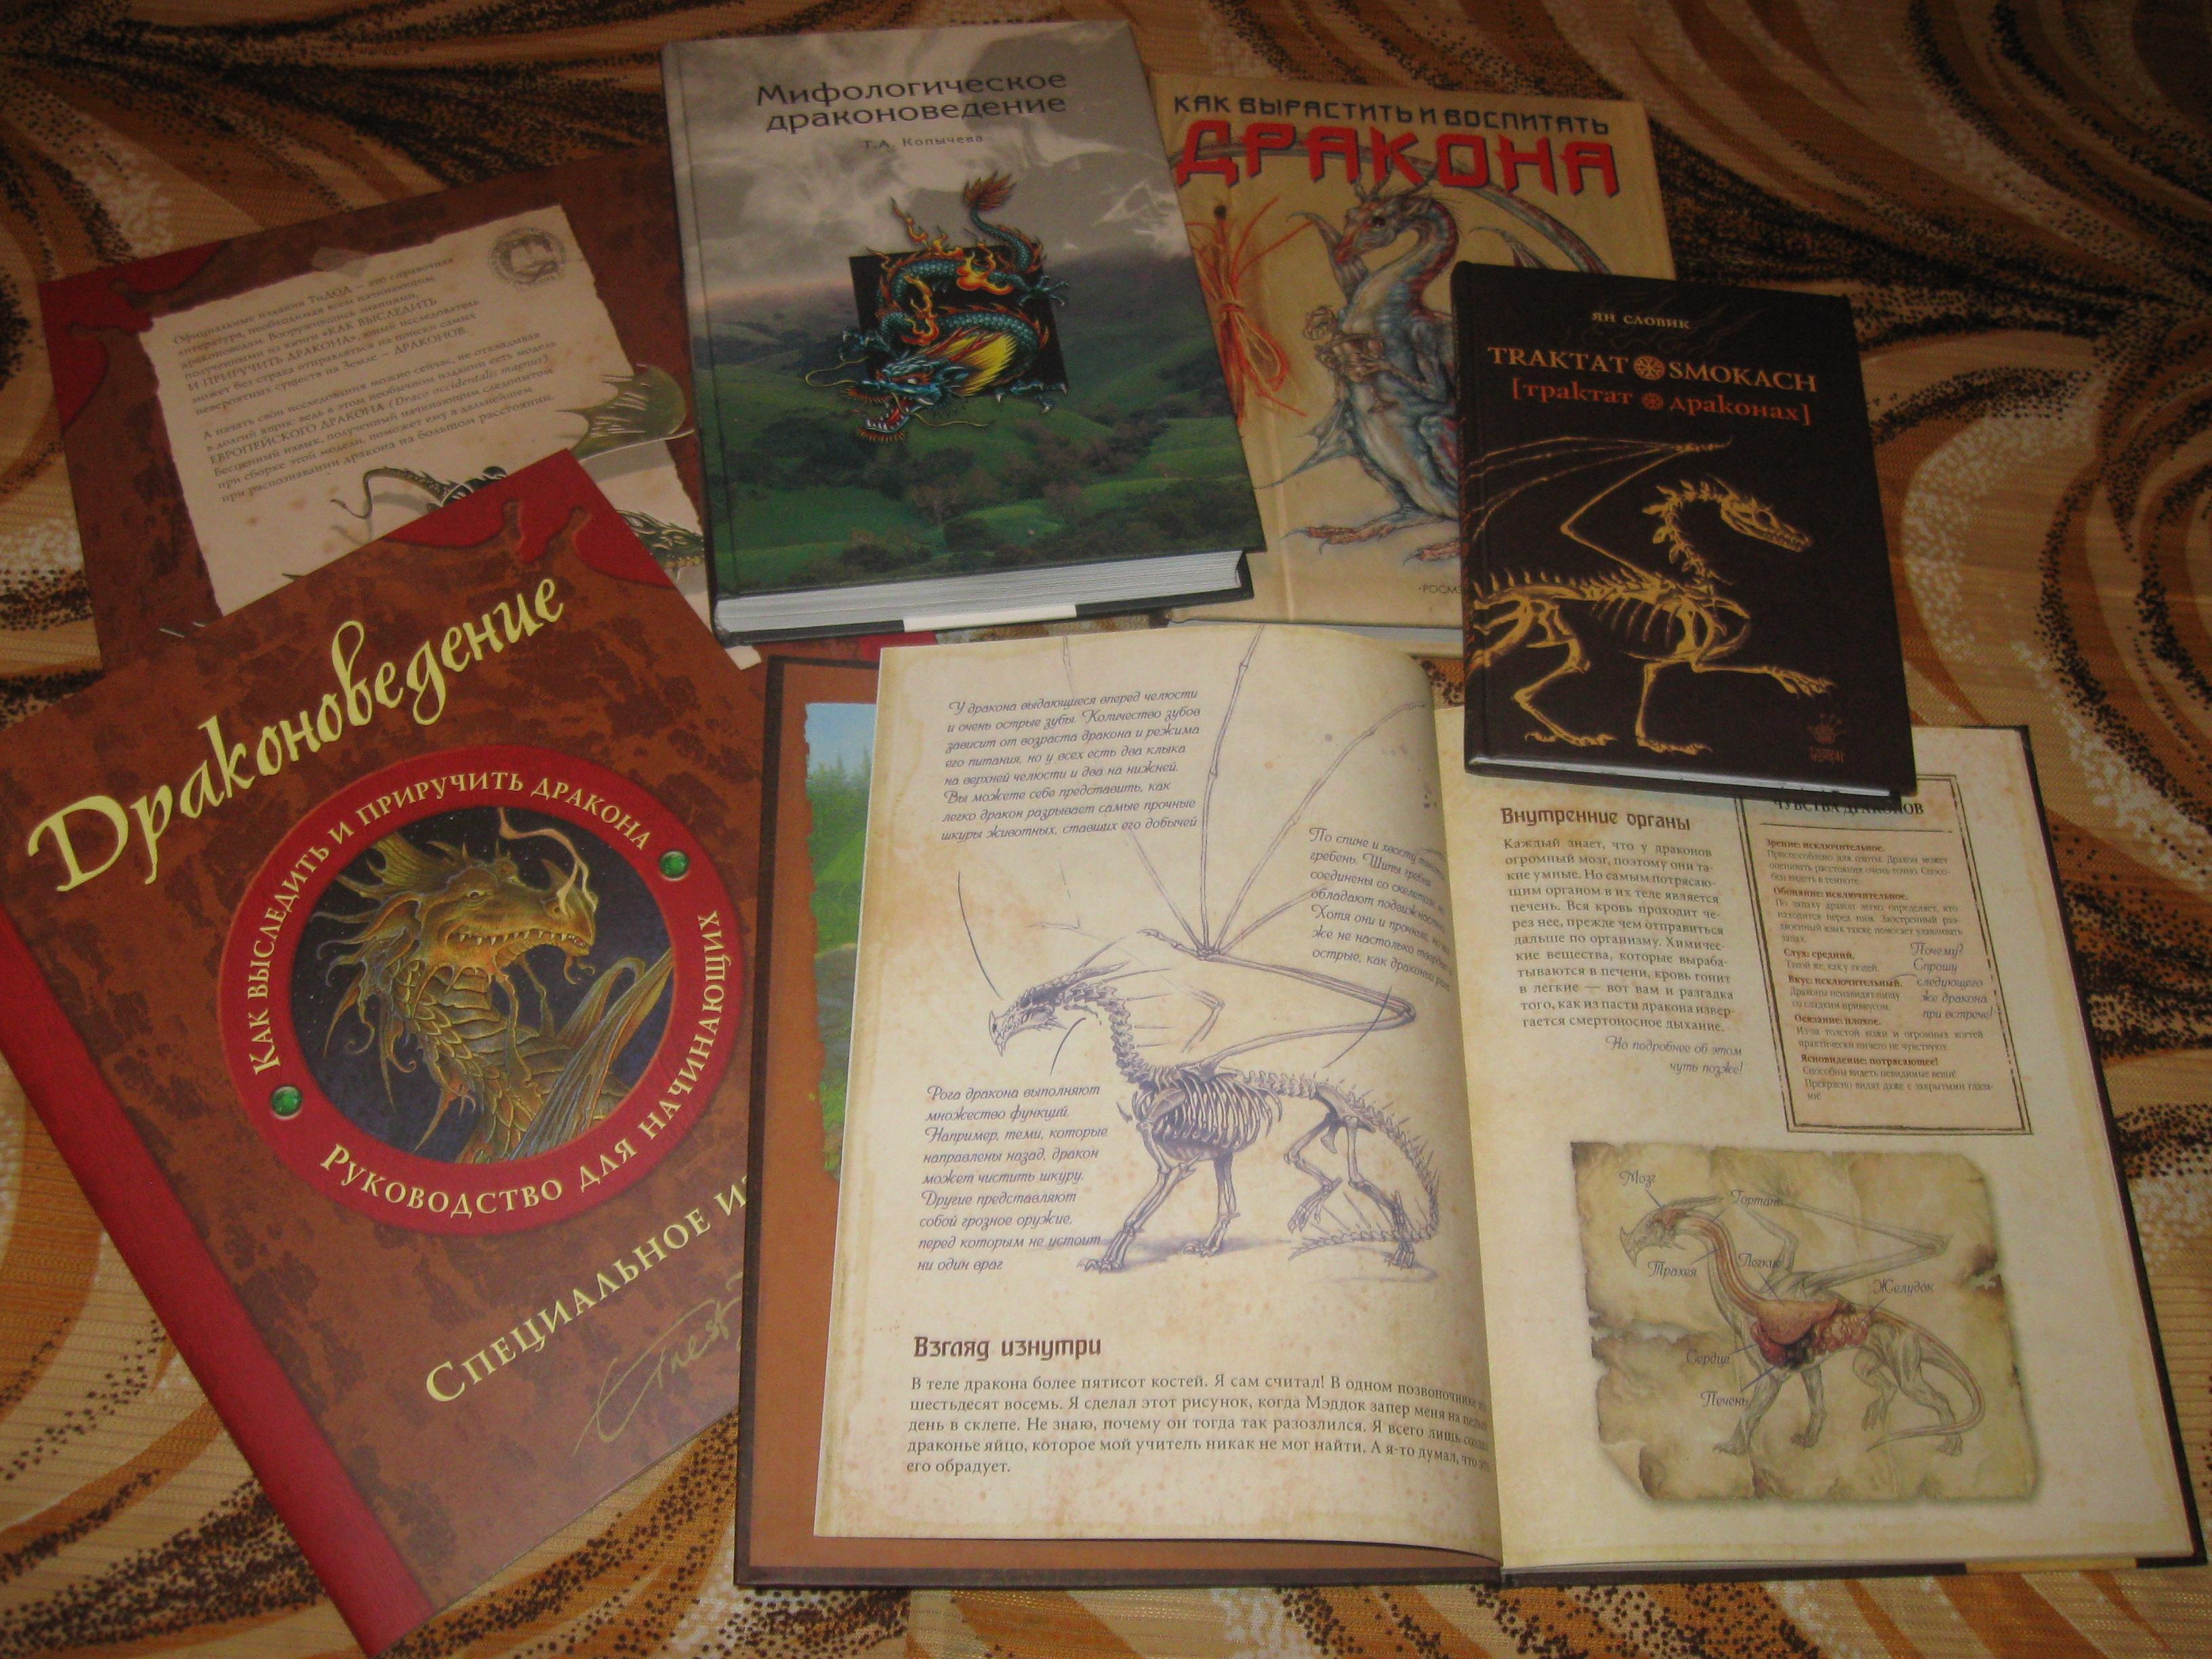 Драконология книга скачать